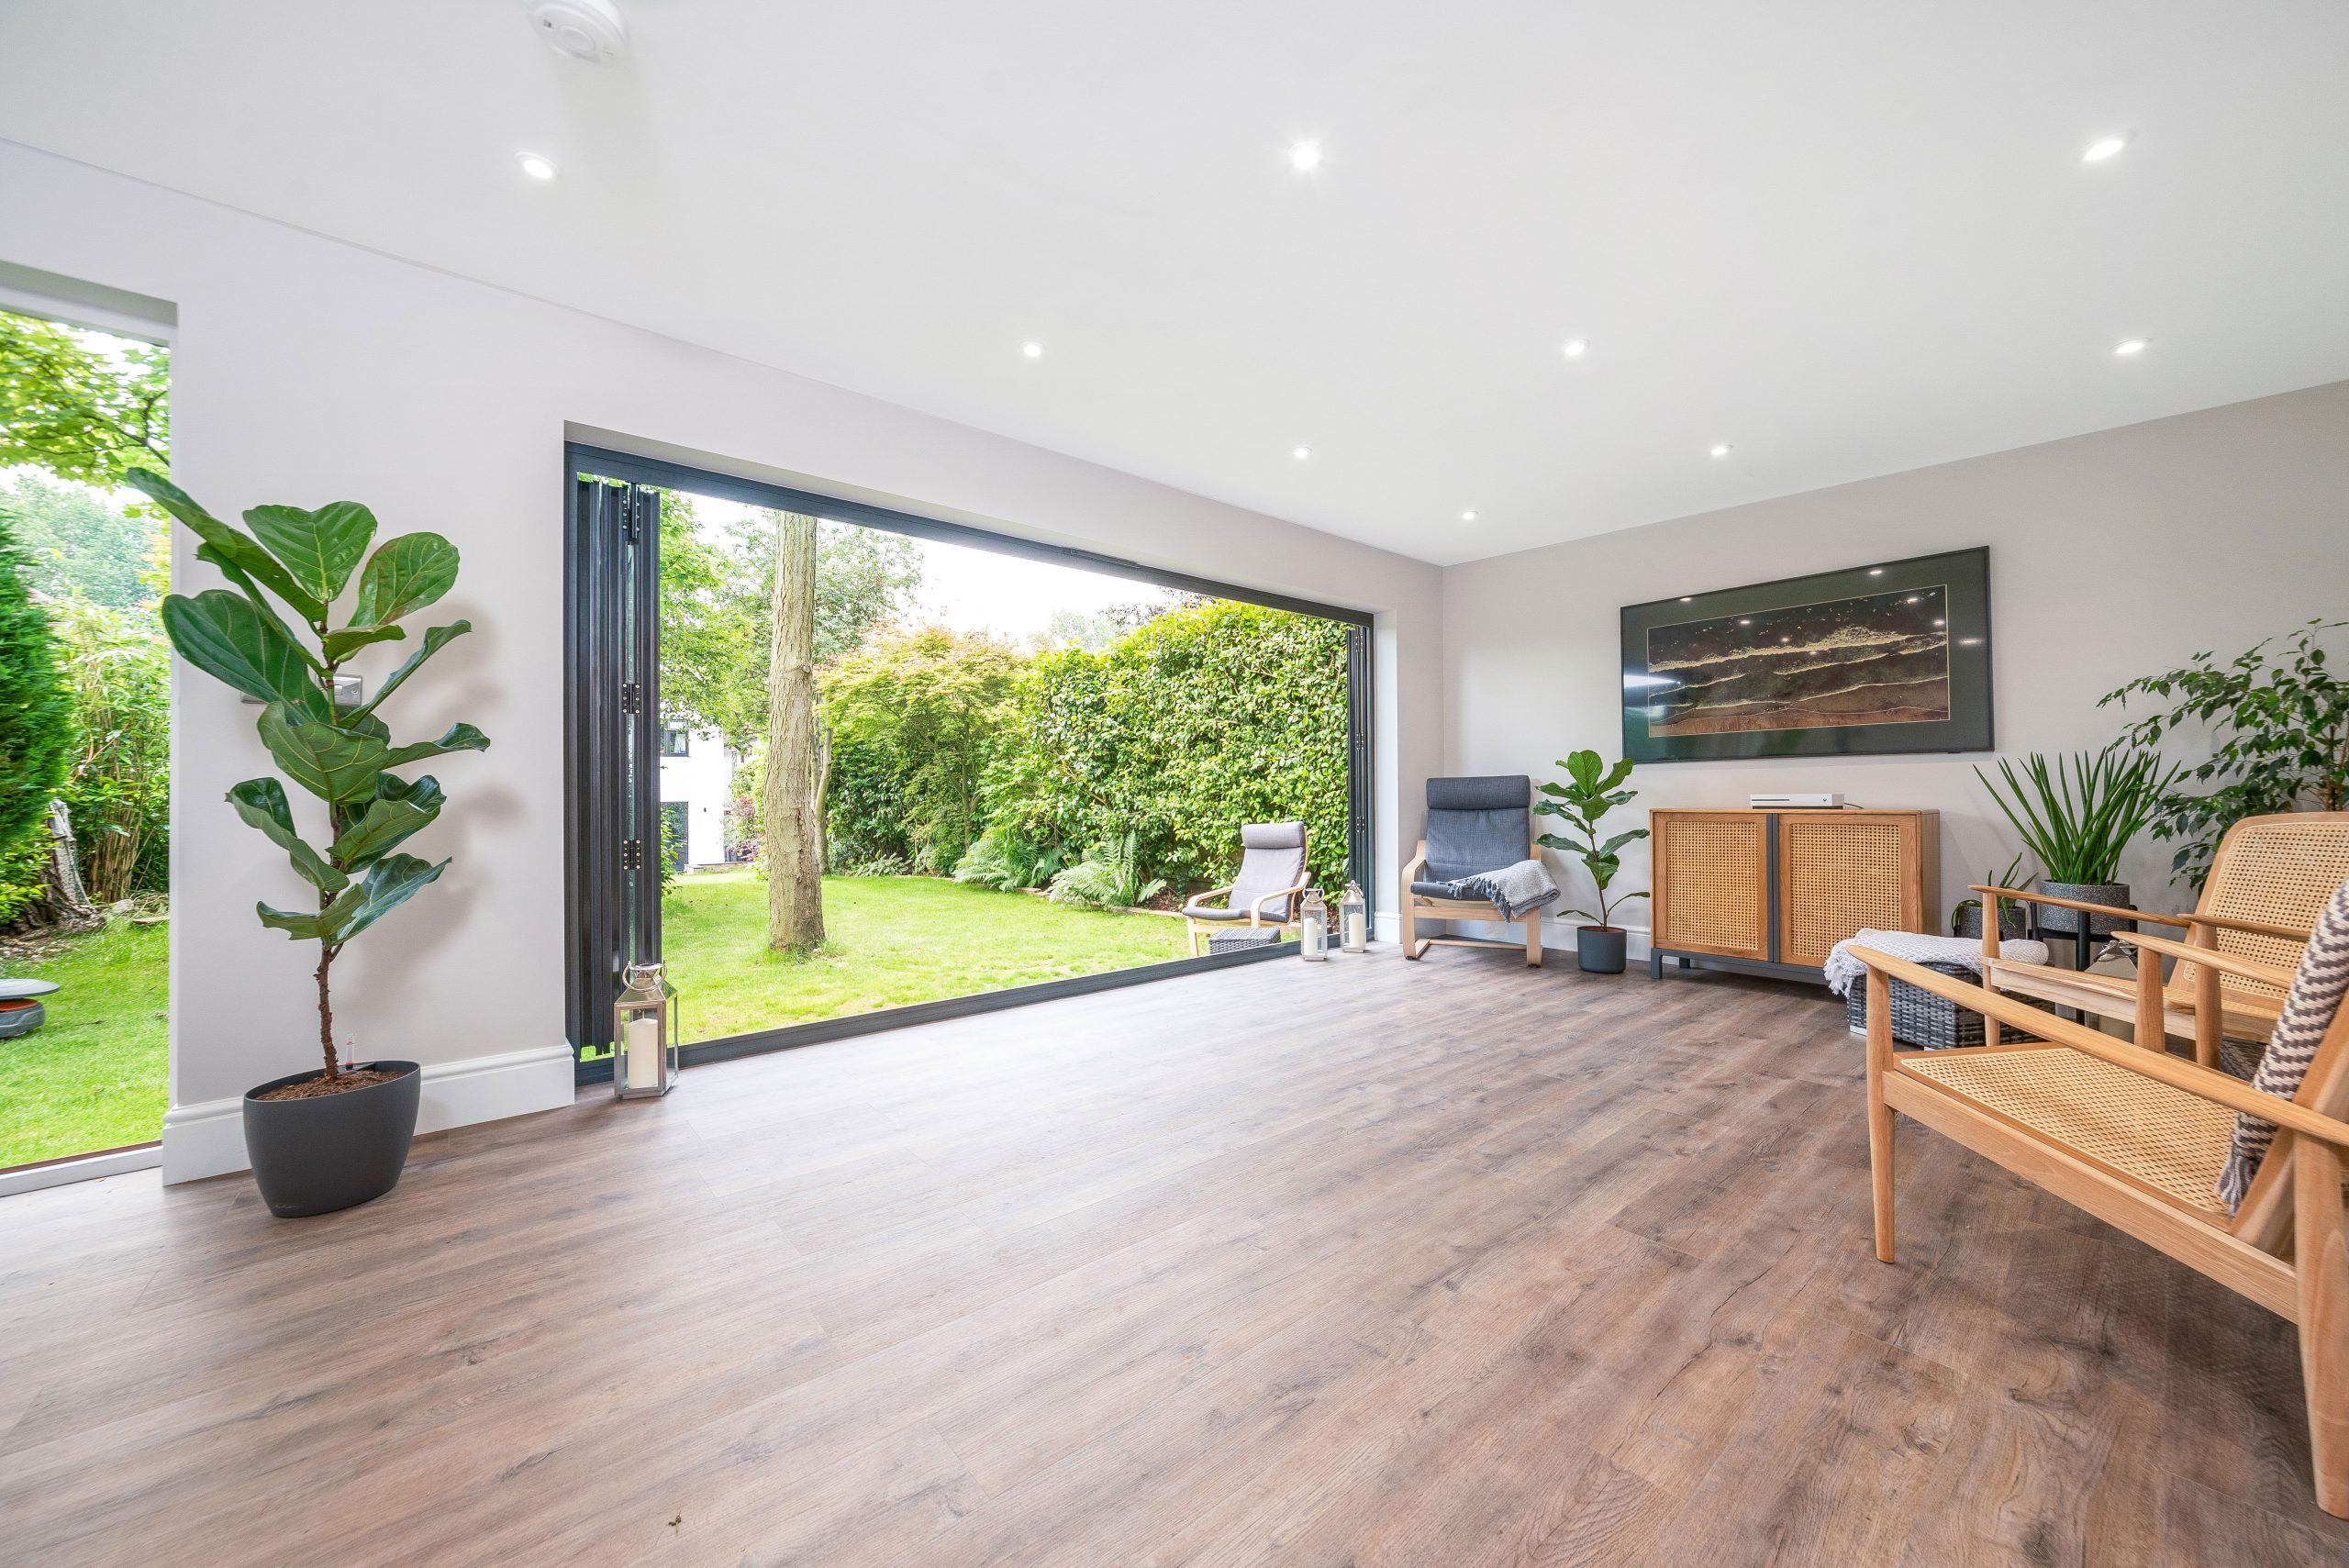 Luxury garden studio room